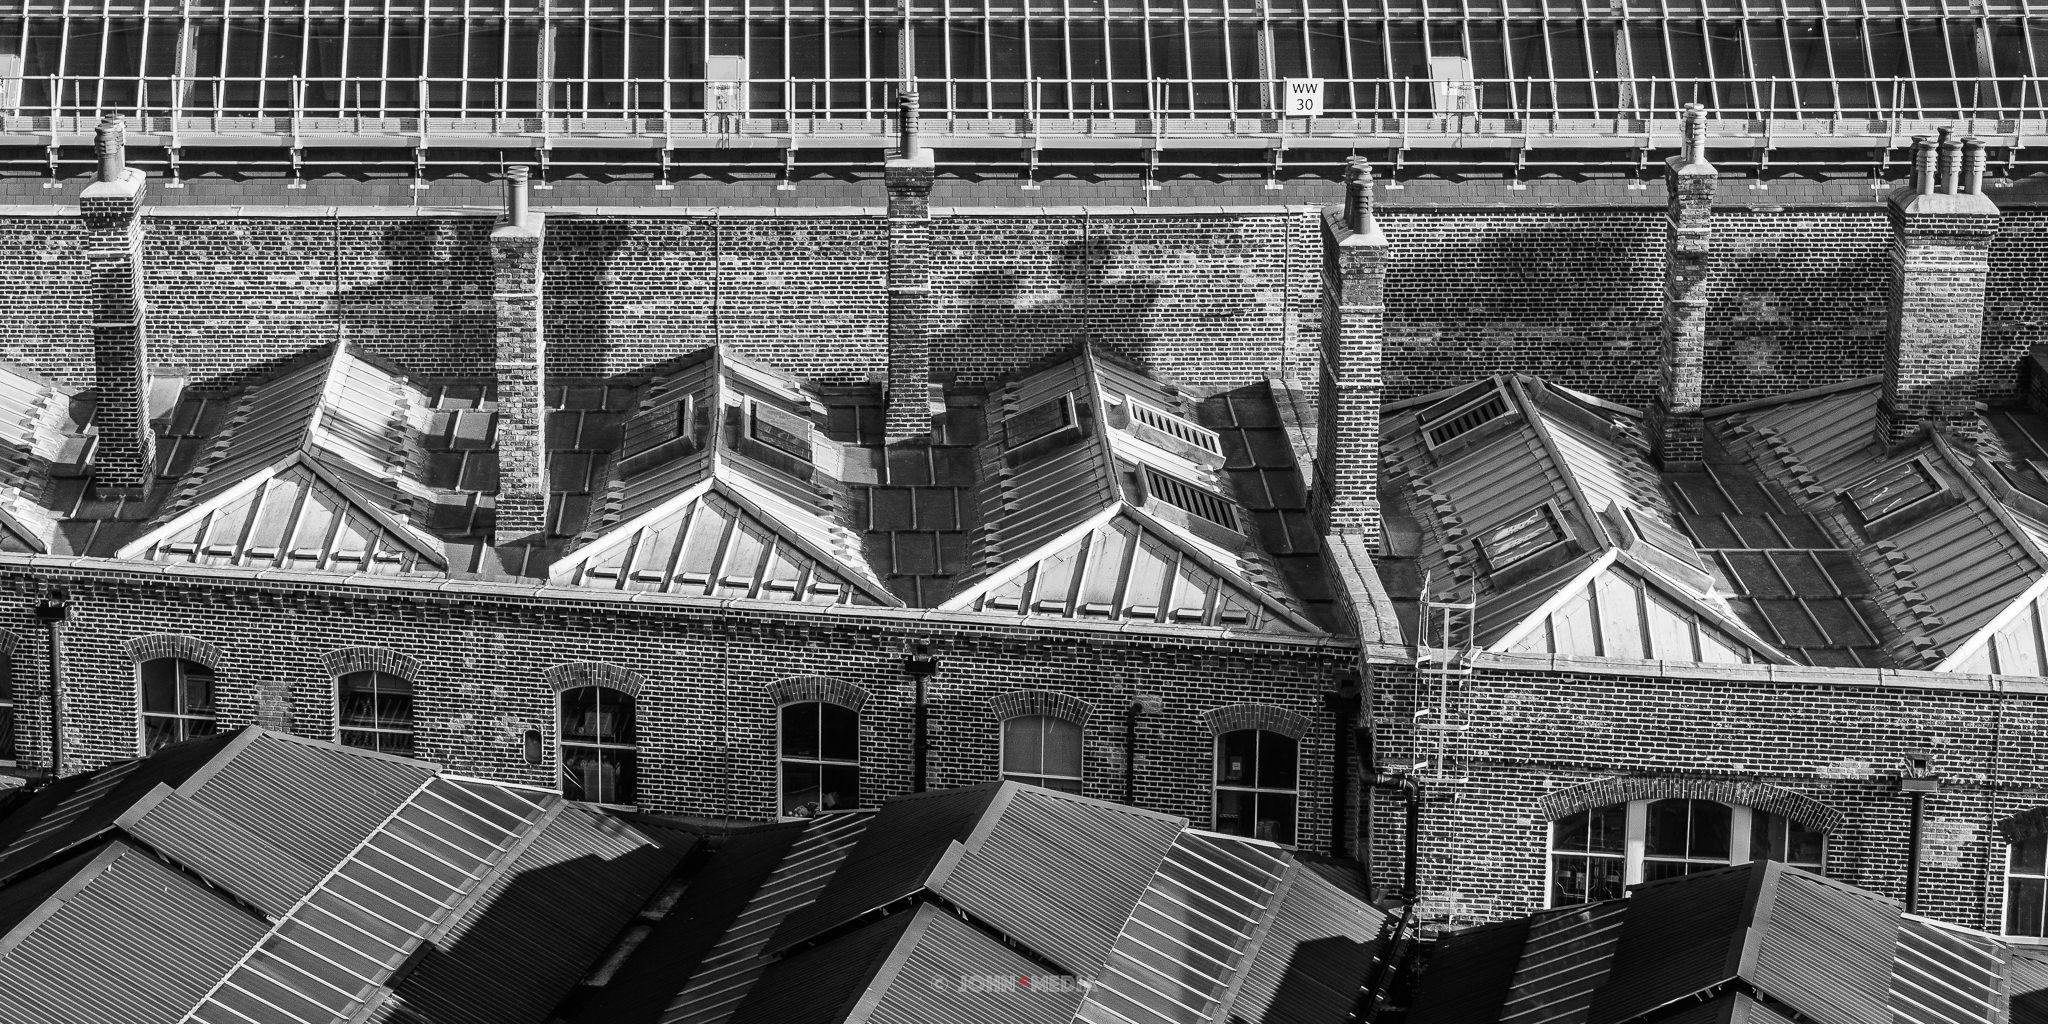 London Kings Cross rooftops